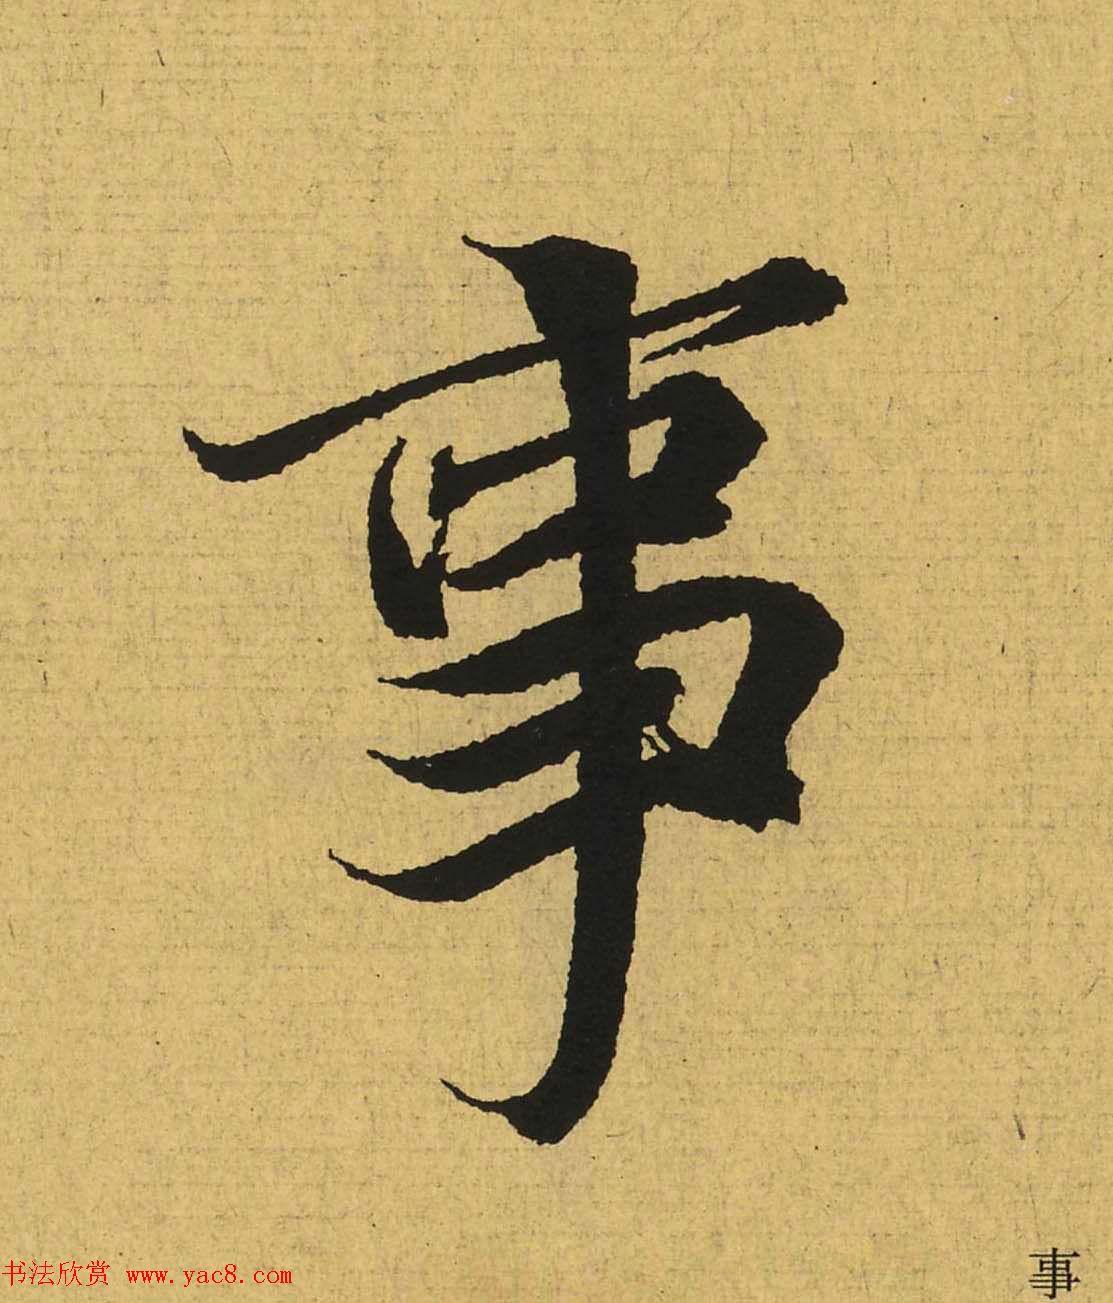 王羲之兰亭集序全文单字高清放大字帖 第6页 行书字帖 书法欣赏